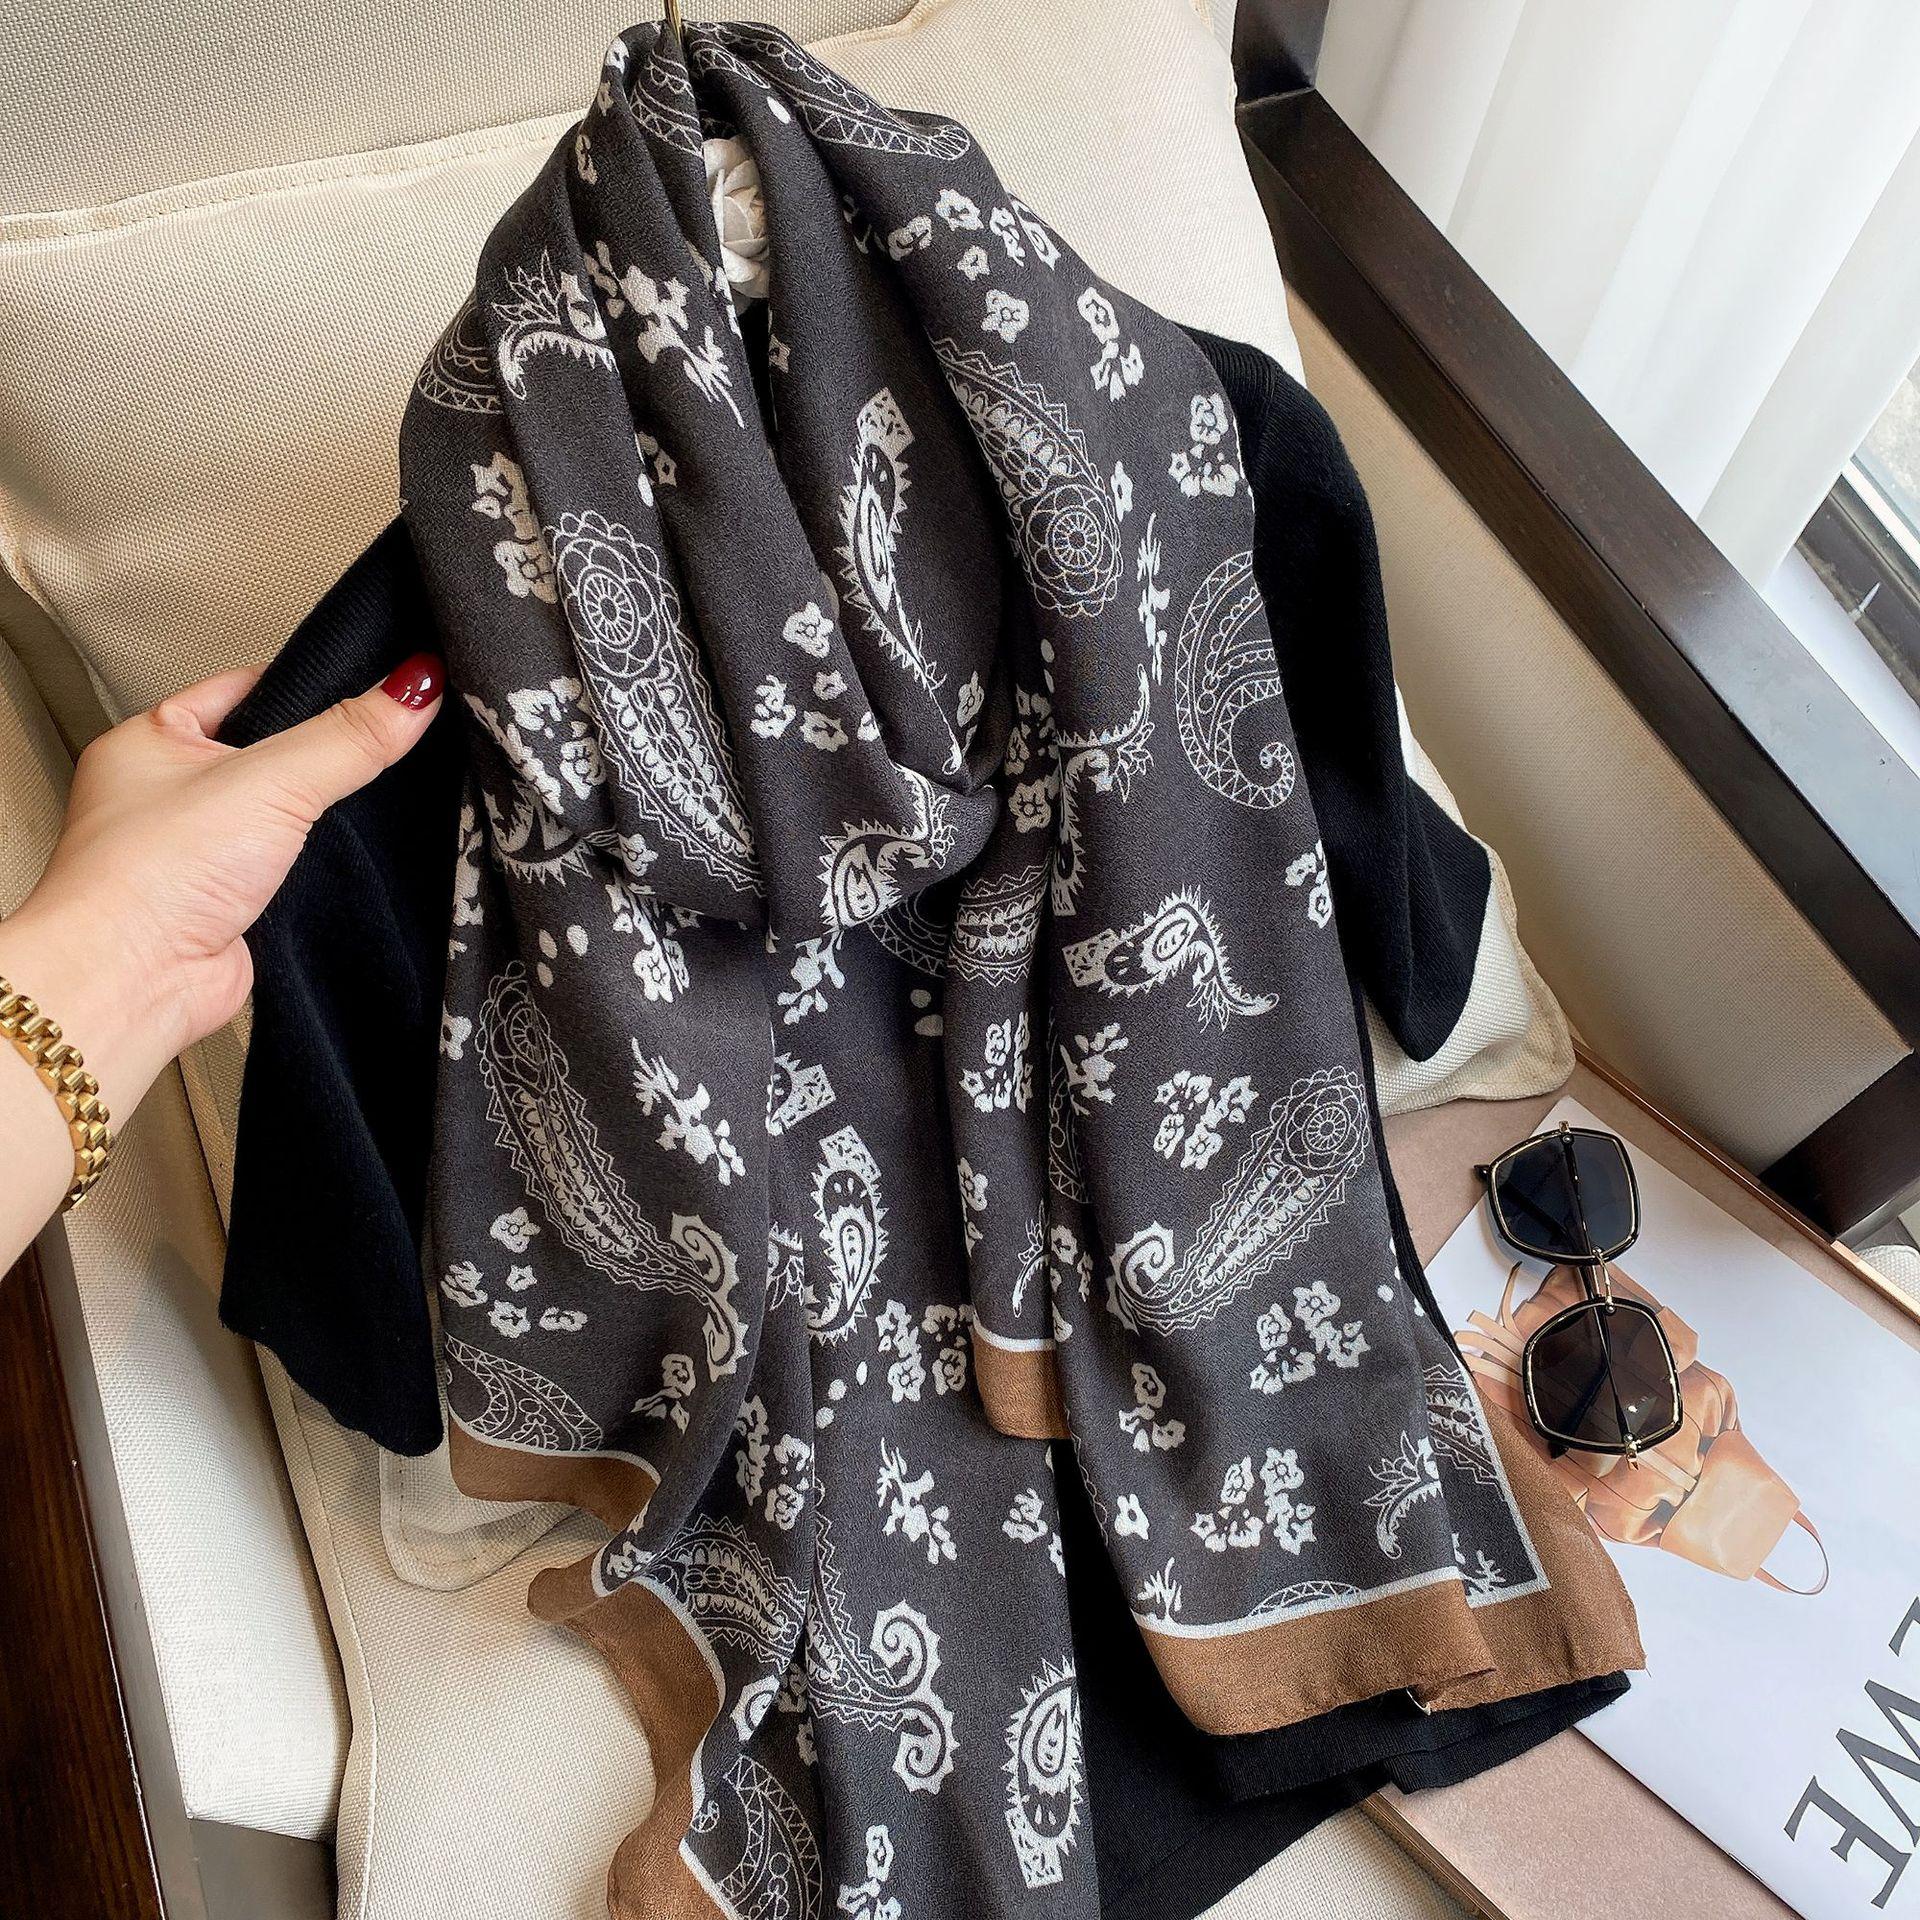 搭韩版披肩手感腰果保暖围脖棉麻长款新款初秋时尚2021图案外围巾